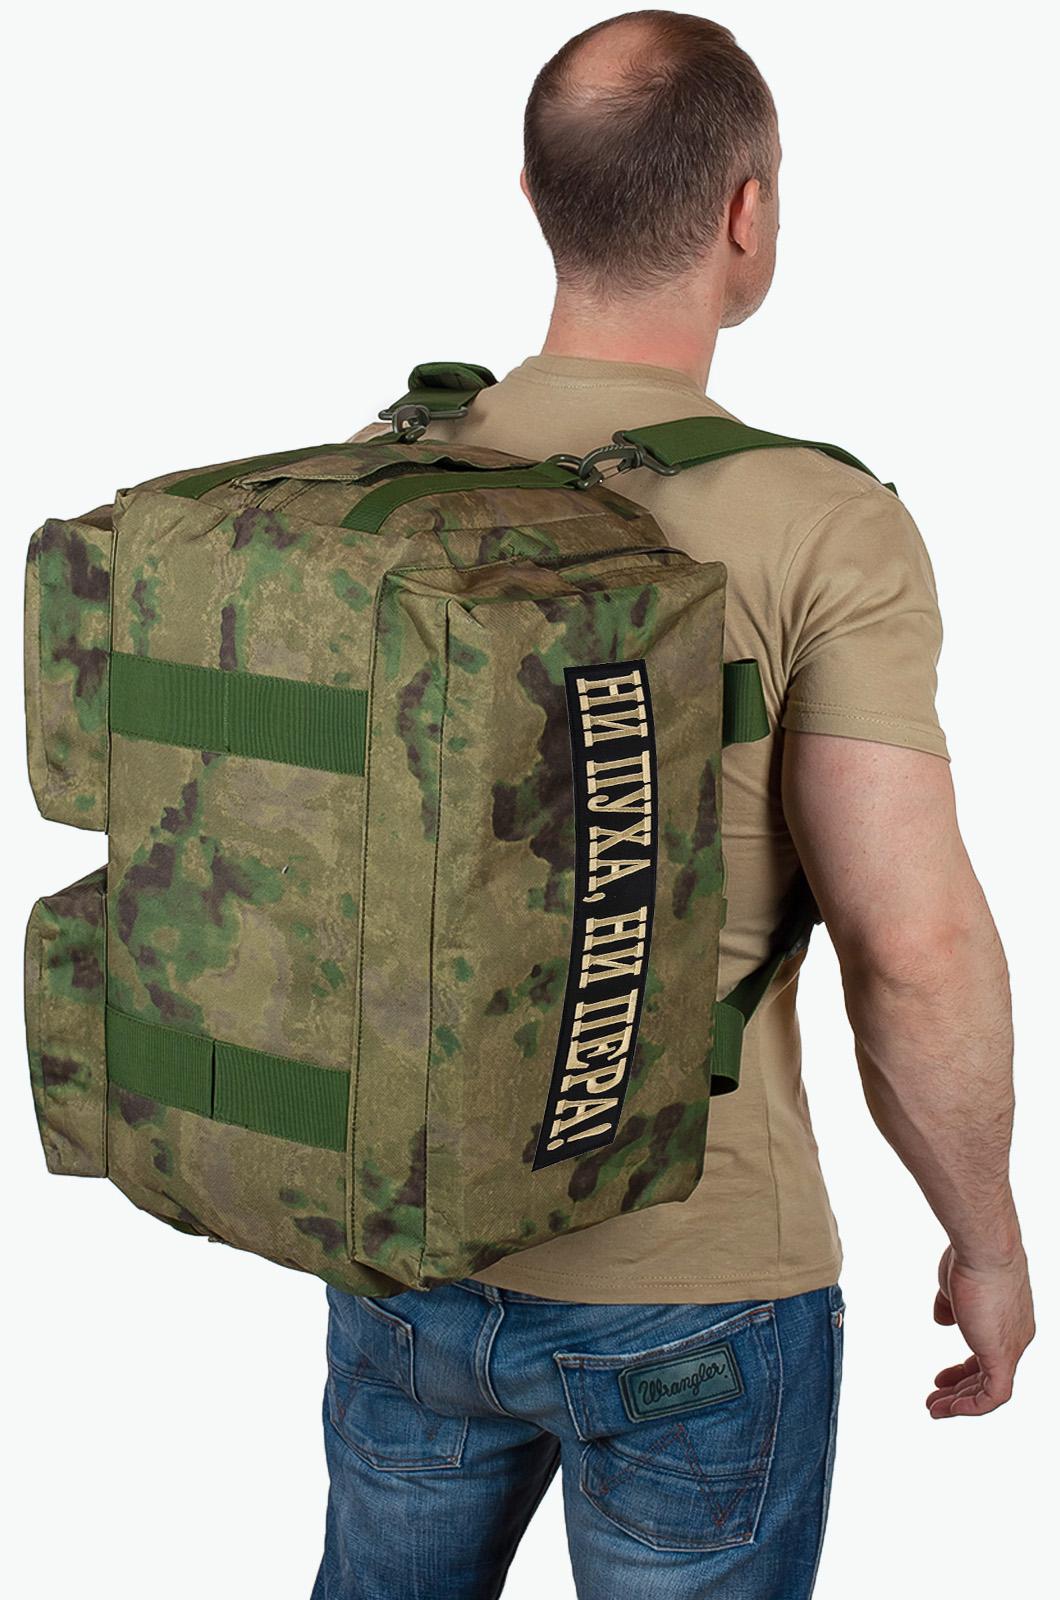 Купить военную походную сумку с нашивкой Ни пуха, Ни пера по экономичной цене